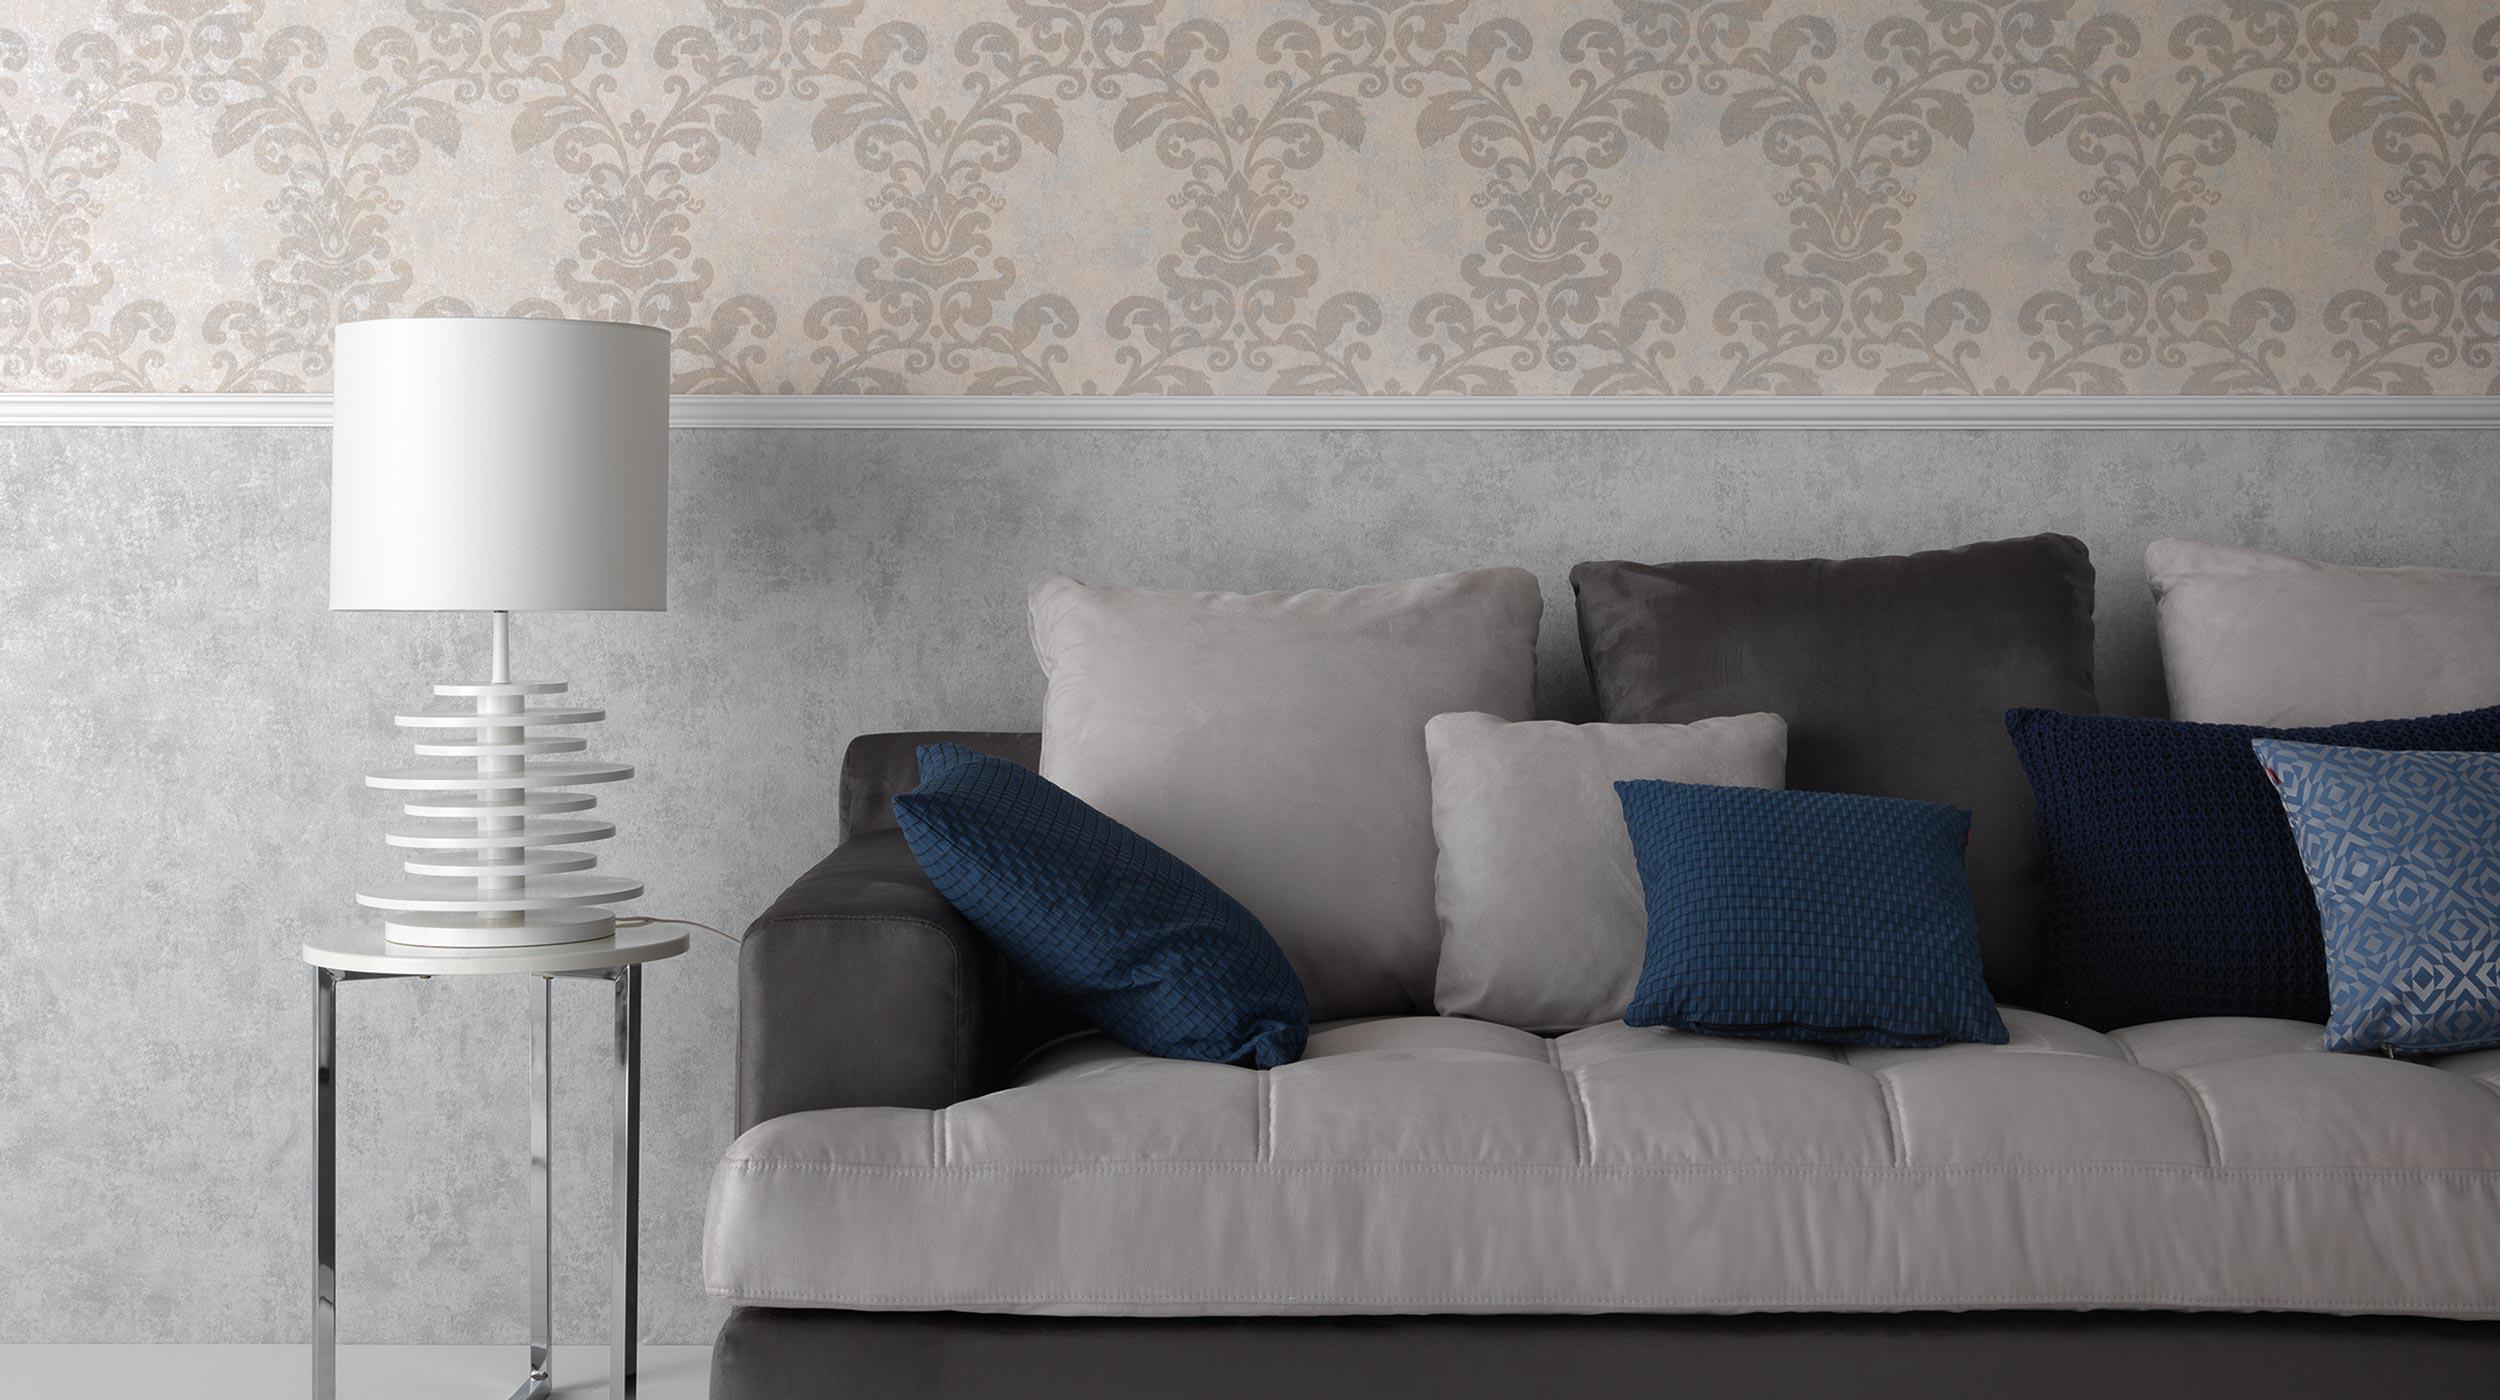 tapete online excellent tapeten wandbild pinienbume auf gold online kaufen wandbild tapete. Black Bedroom Furniture Sets. Home Design Ideas